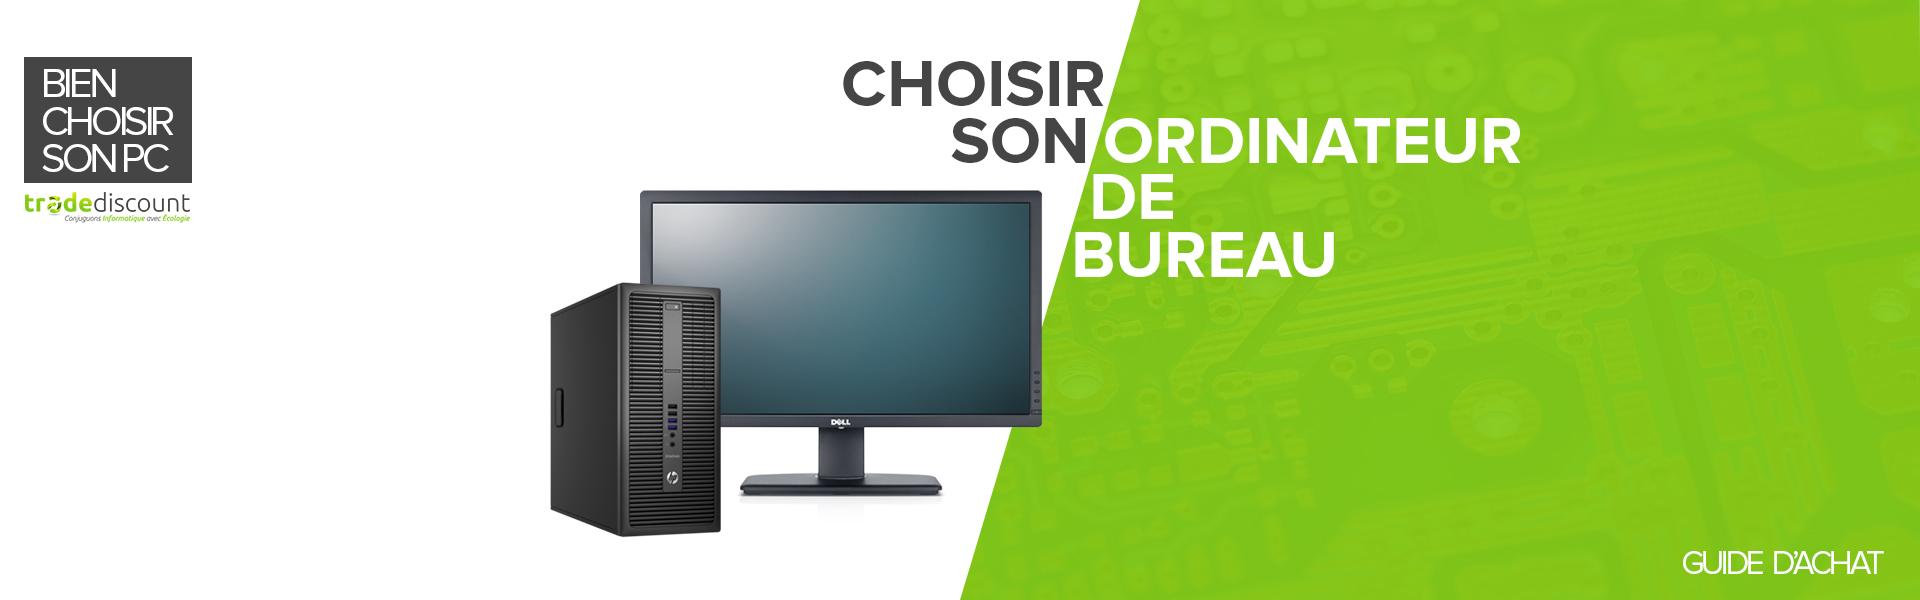 choisir un ordinateur de bureau